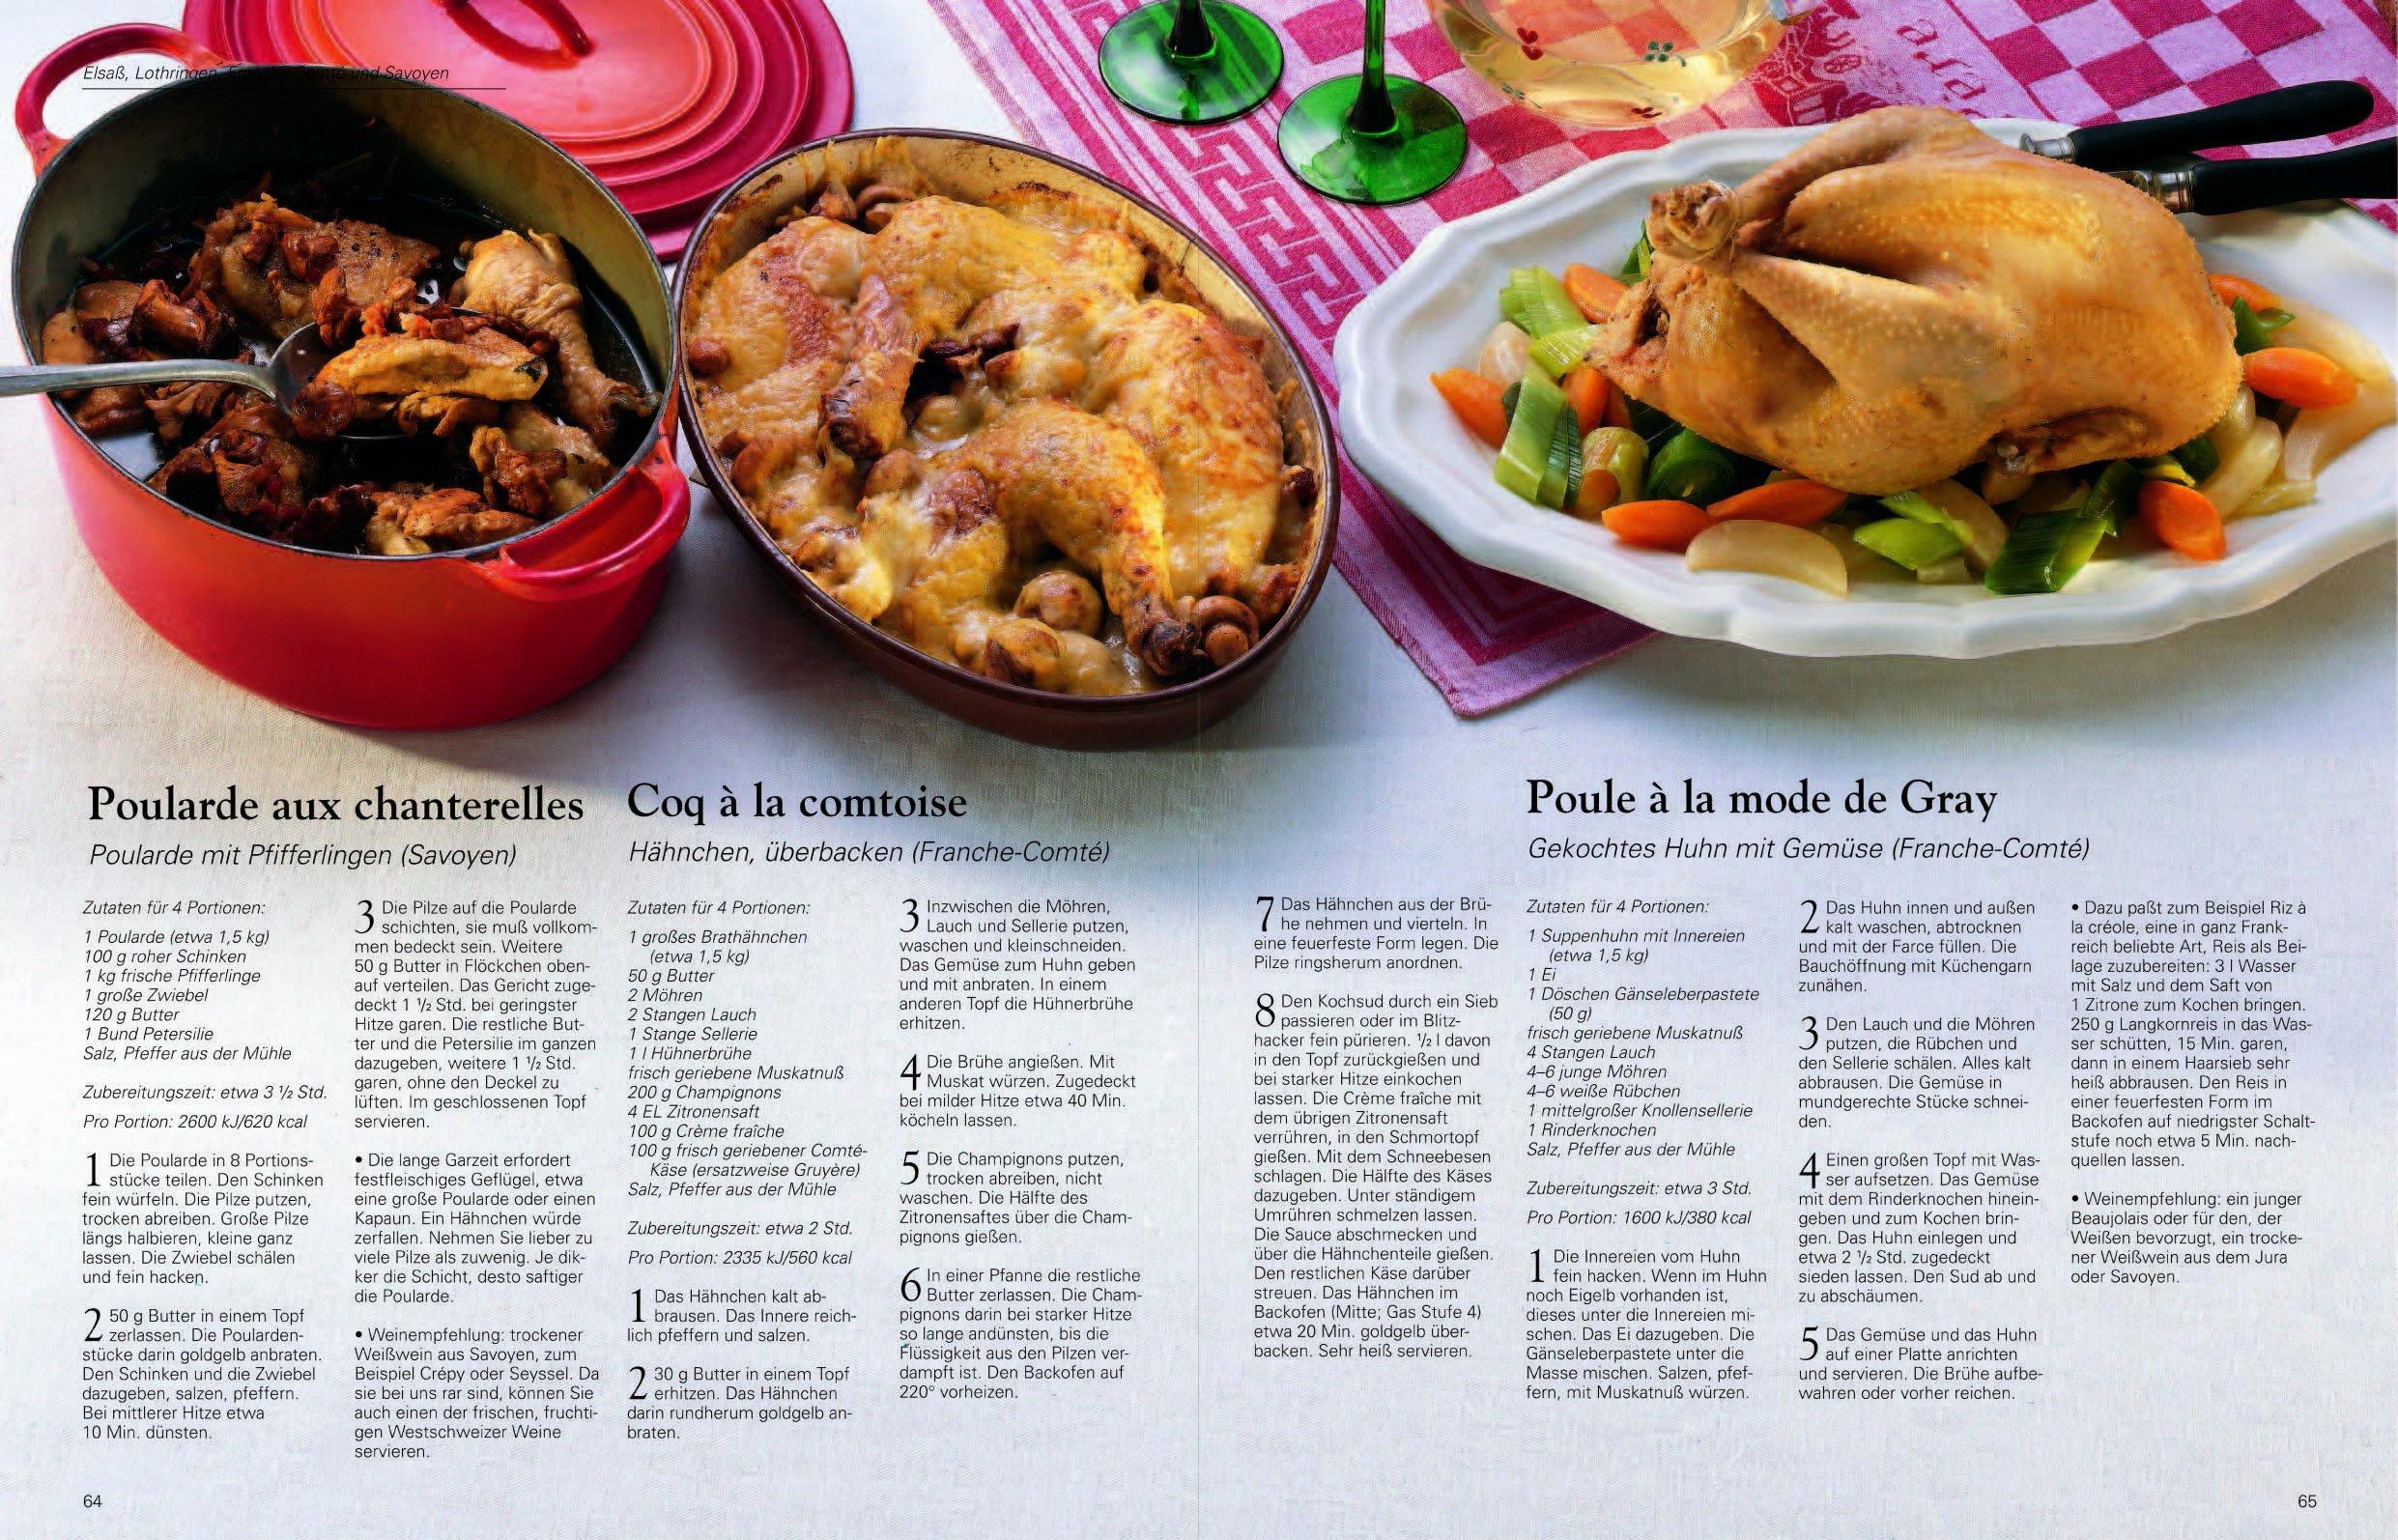 Die echte französische Küche Typische Rezepte und kulinarische